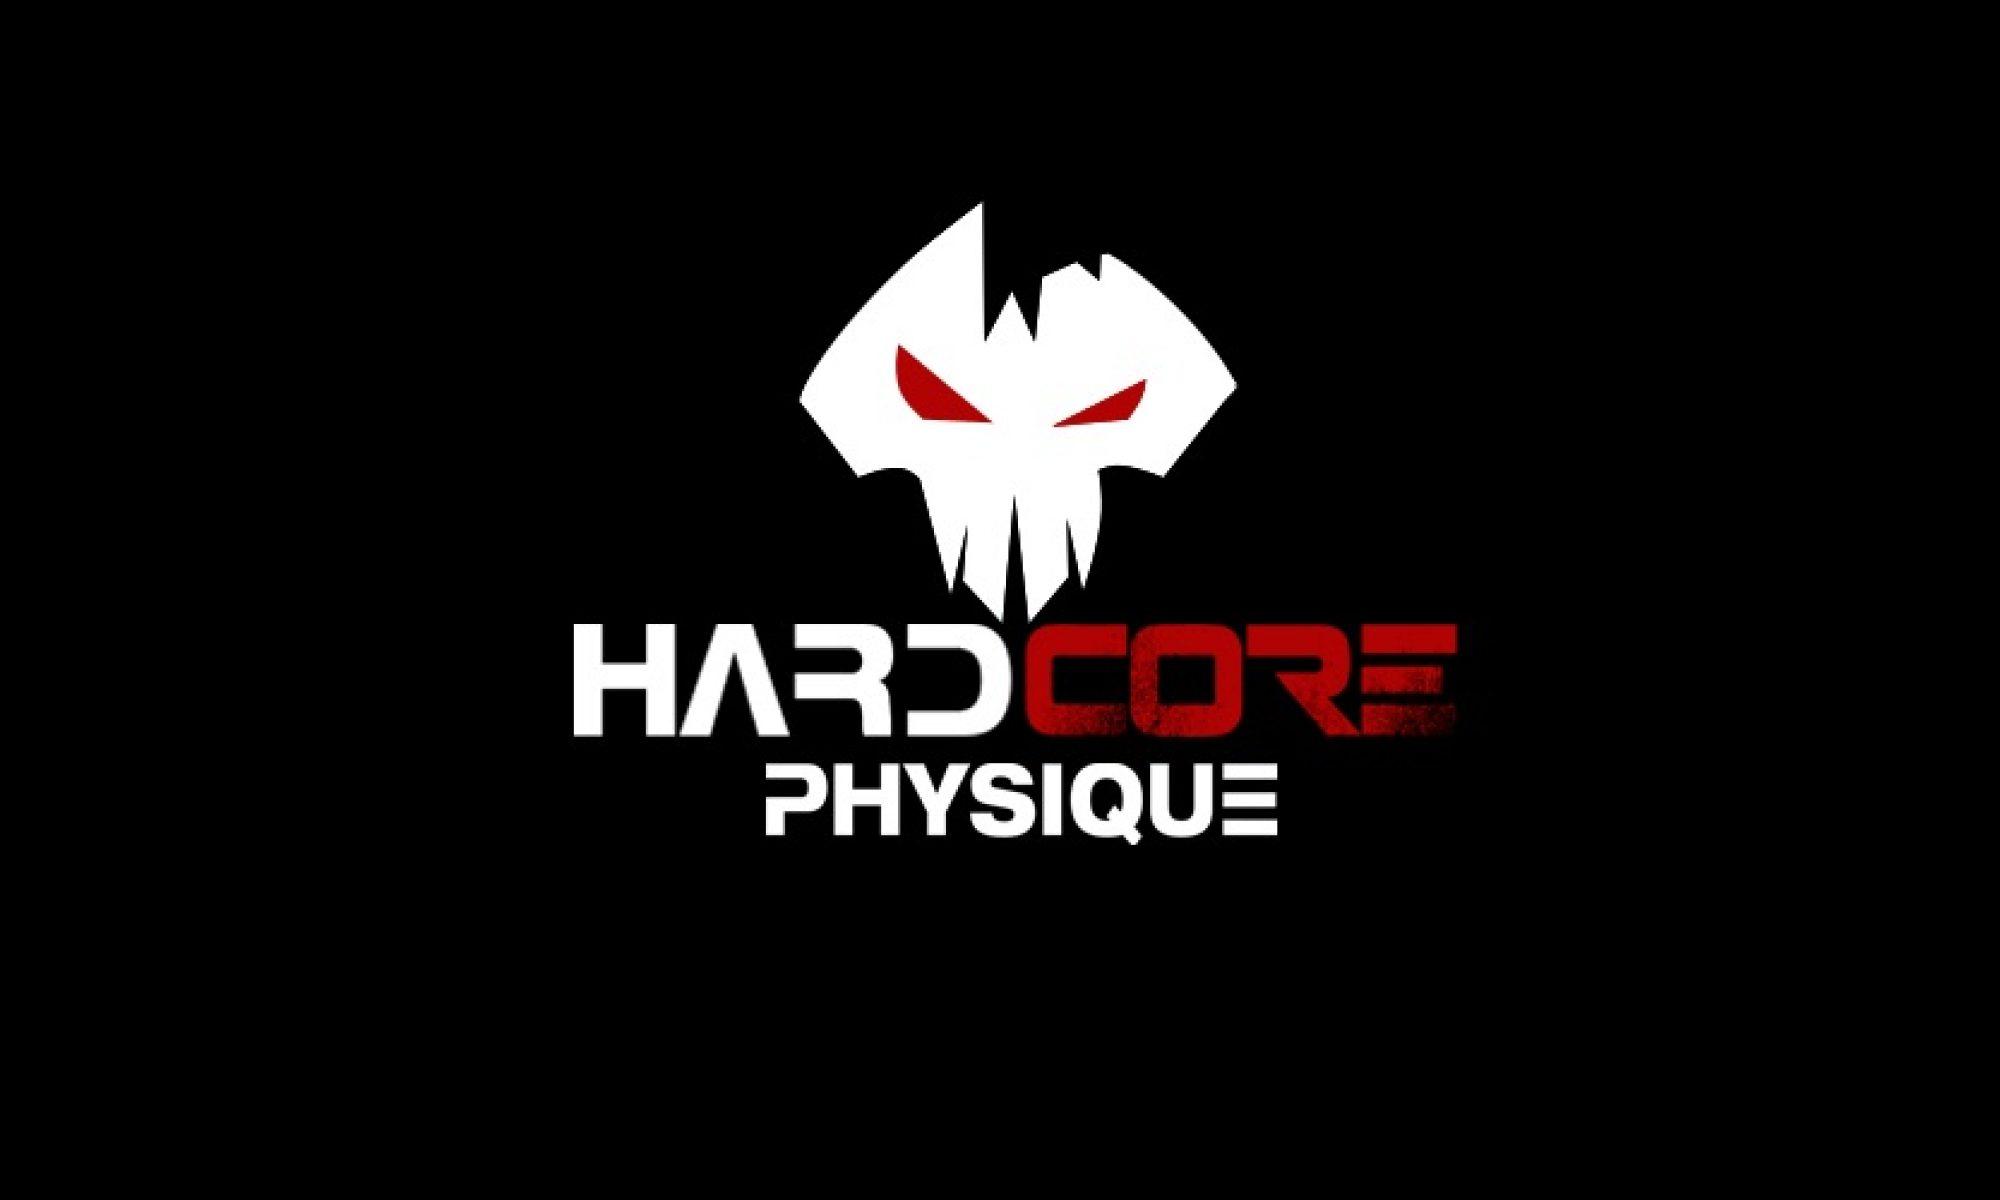 HardCore Physique